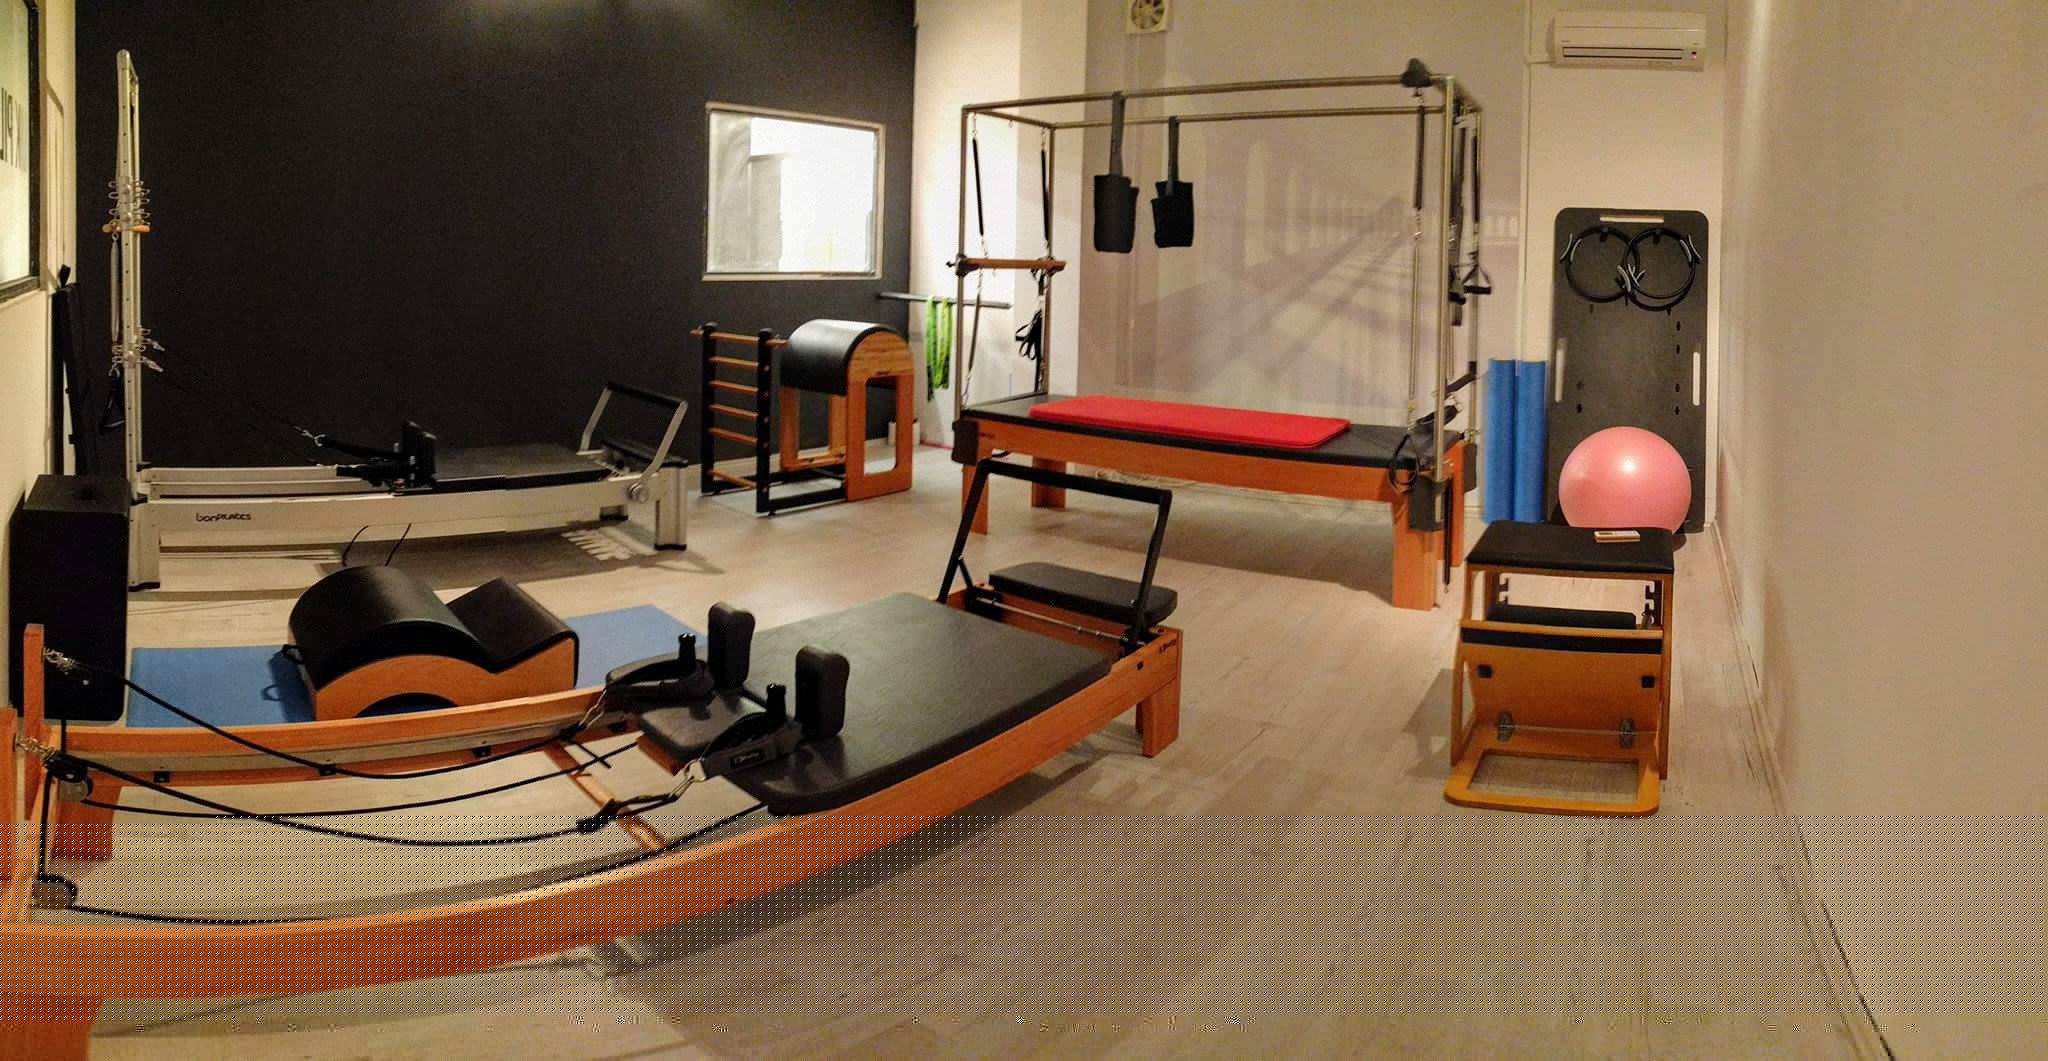 25€ για τέσσερα (4) μαθήματα στο MK Pilates Studio σε μικρό Group έως 5 άτομα με τη χρήση όλων των μηχανημάτων Studio (Reformers, Cadillac, Chair, Barrel, Spine Corrector).  Στον πολυτελή χώρο του The Venue, στον Αγ.Δημήτριο!! Aρχικής Αξίας 60€ - Έκπτωση 58%